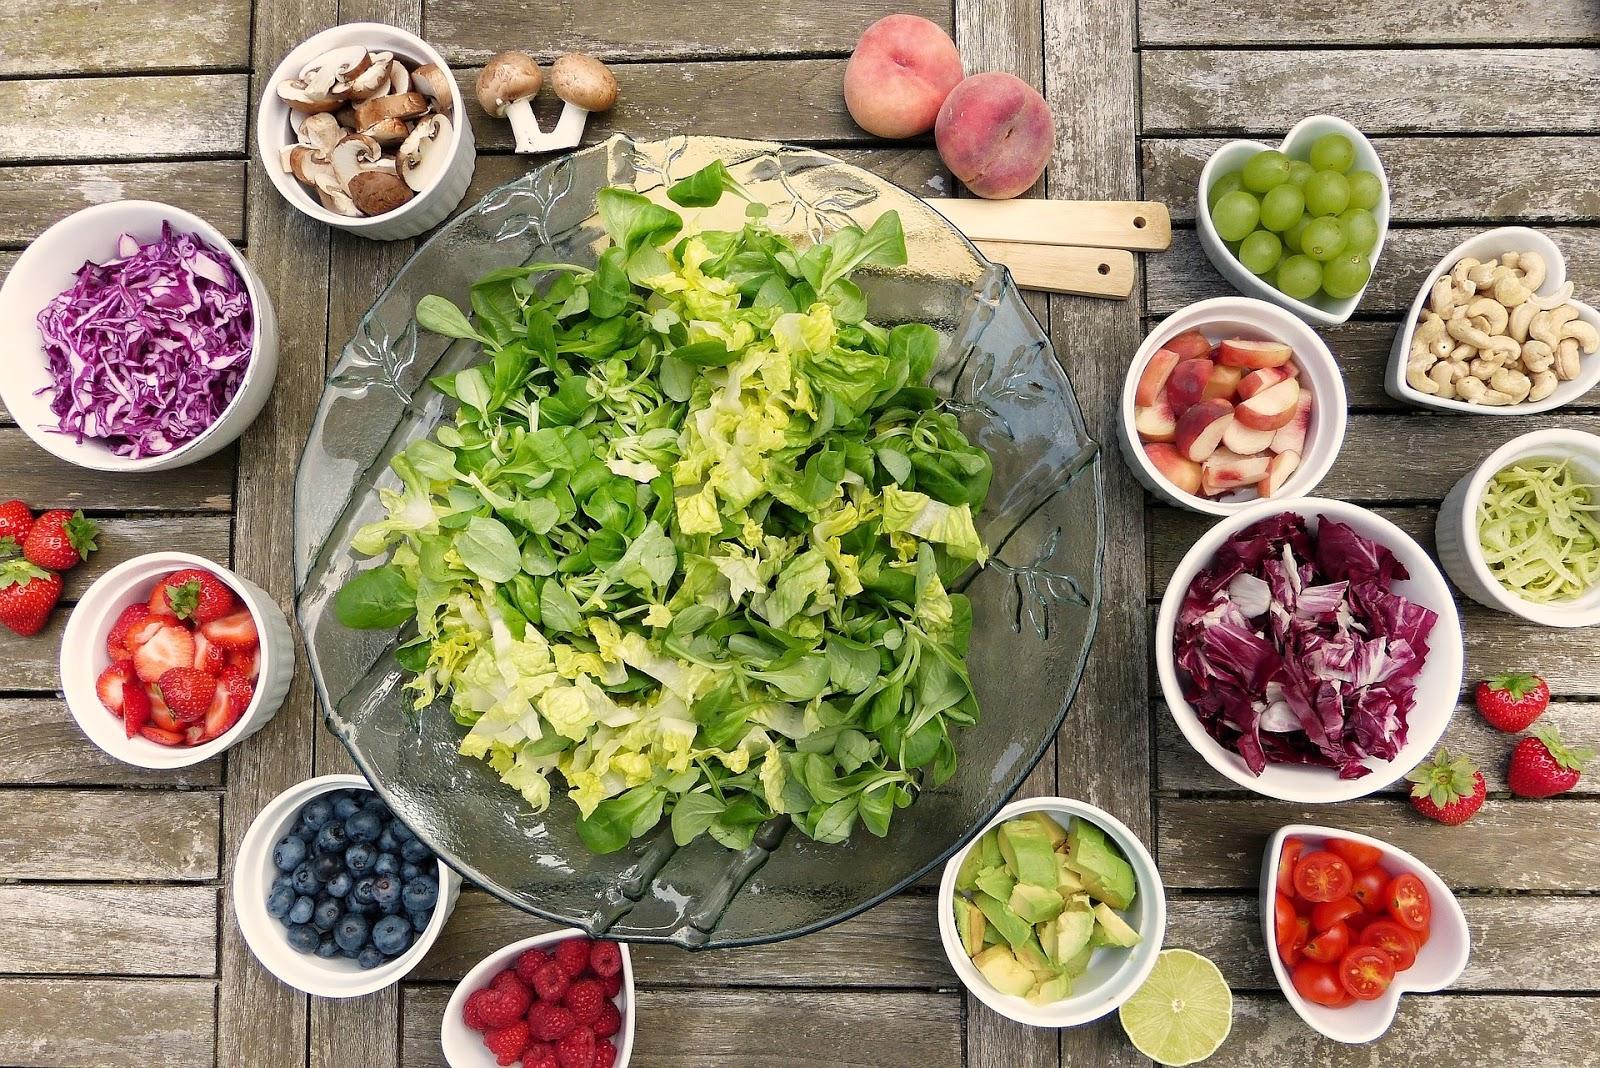 Terbukti Efektif! 17 Cara Diet yang Baik untuk Pria yang Wajib Dicoba